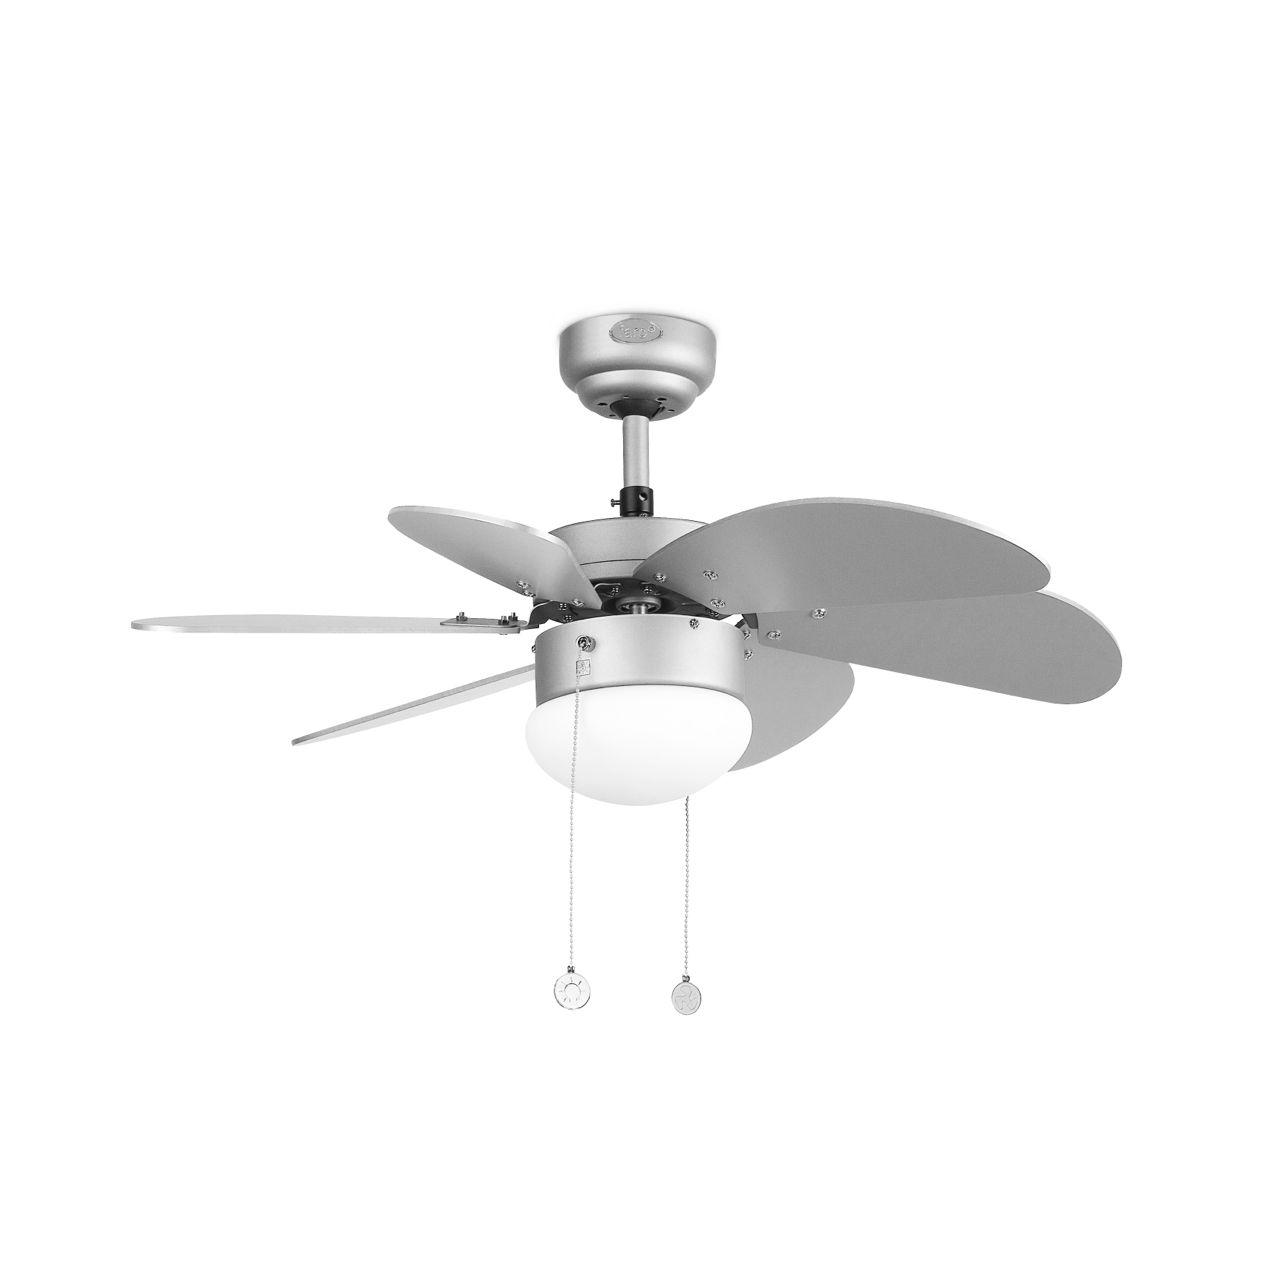 Comprar ventilador de techo peque o color gris palao faro for Ventiladores de techo alcampo